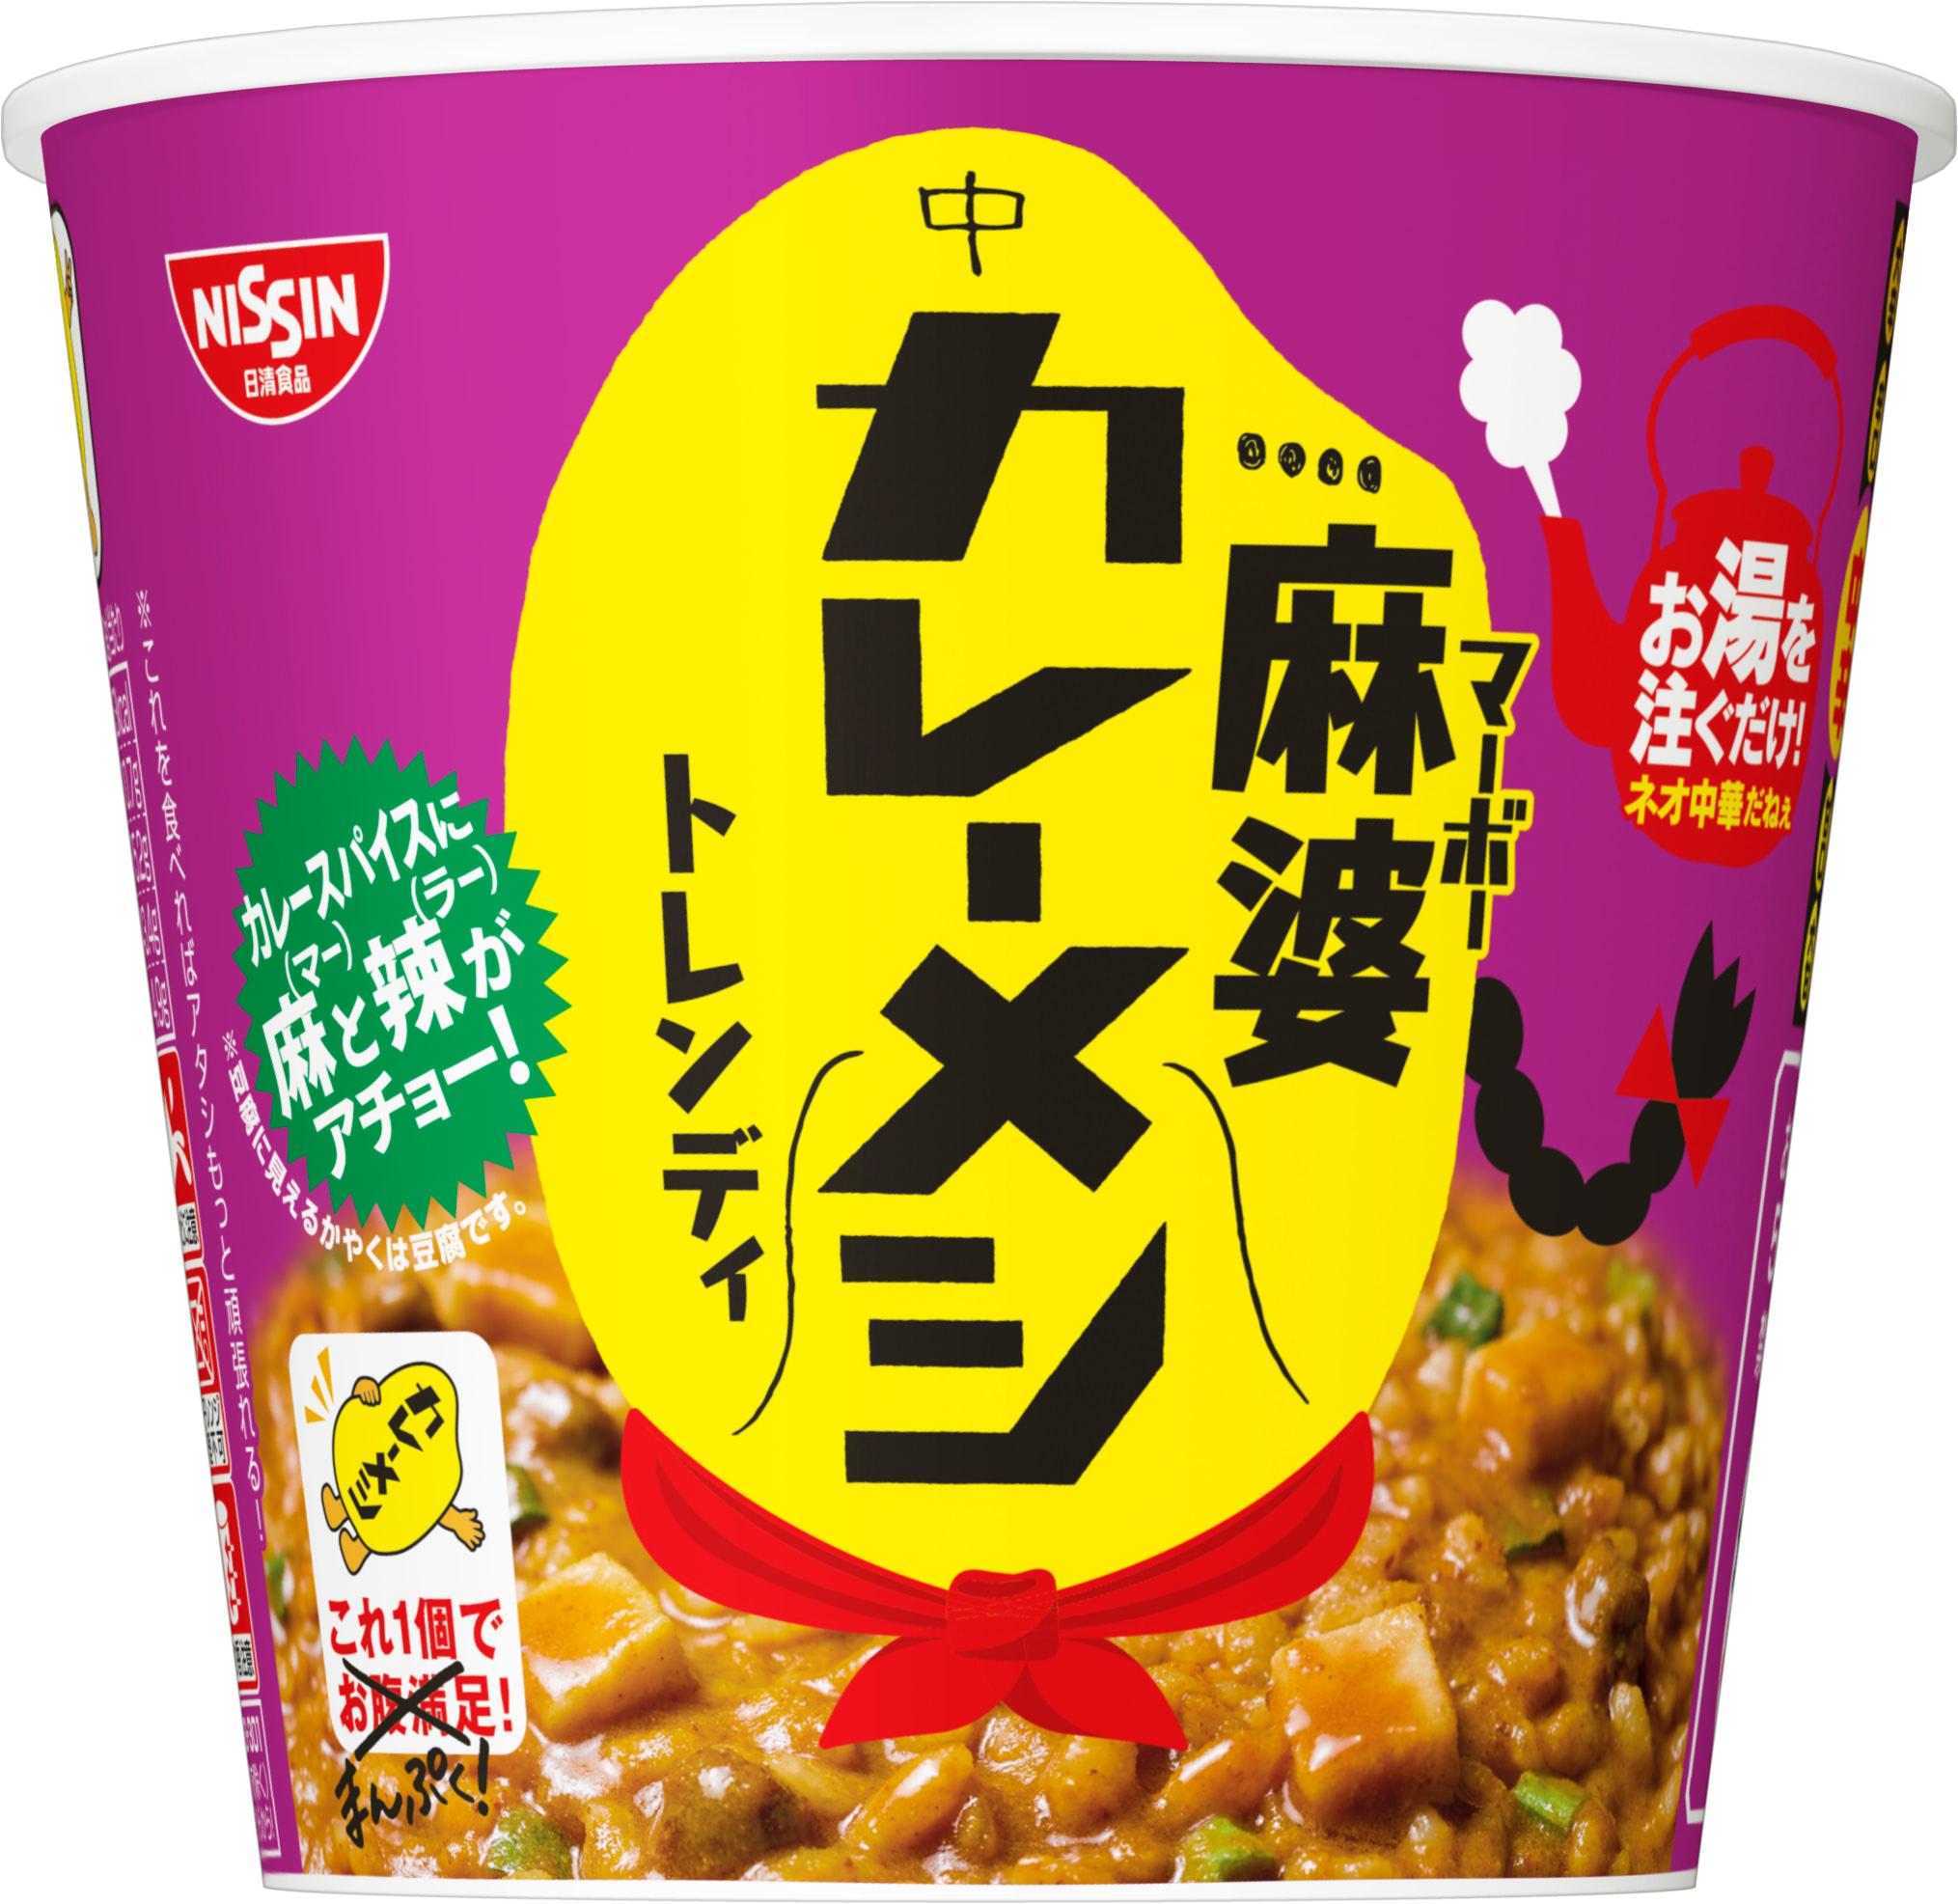 日清 麻婆カレーメシ トレンディ 「麻婆豆腐×カレー」のトレンディカレー!